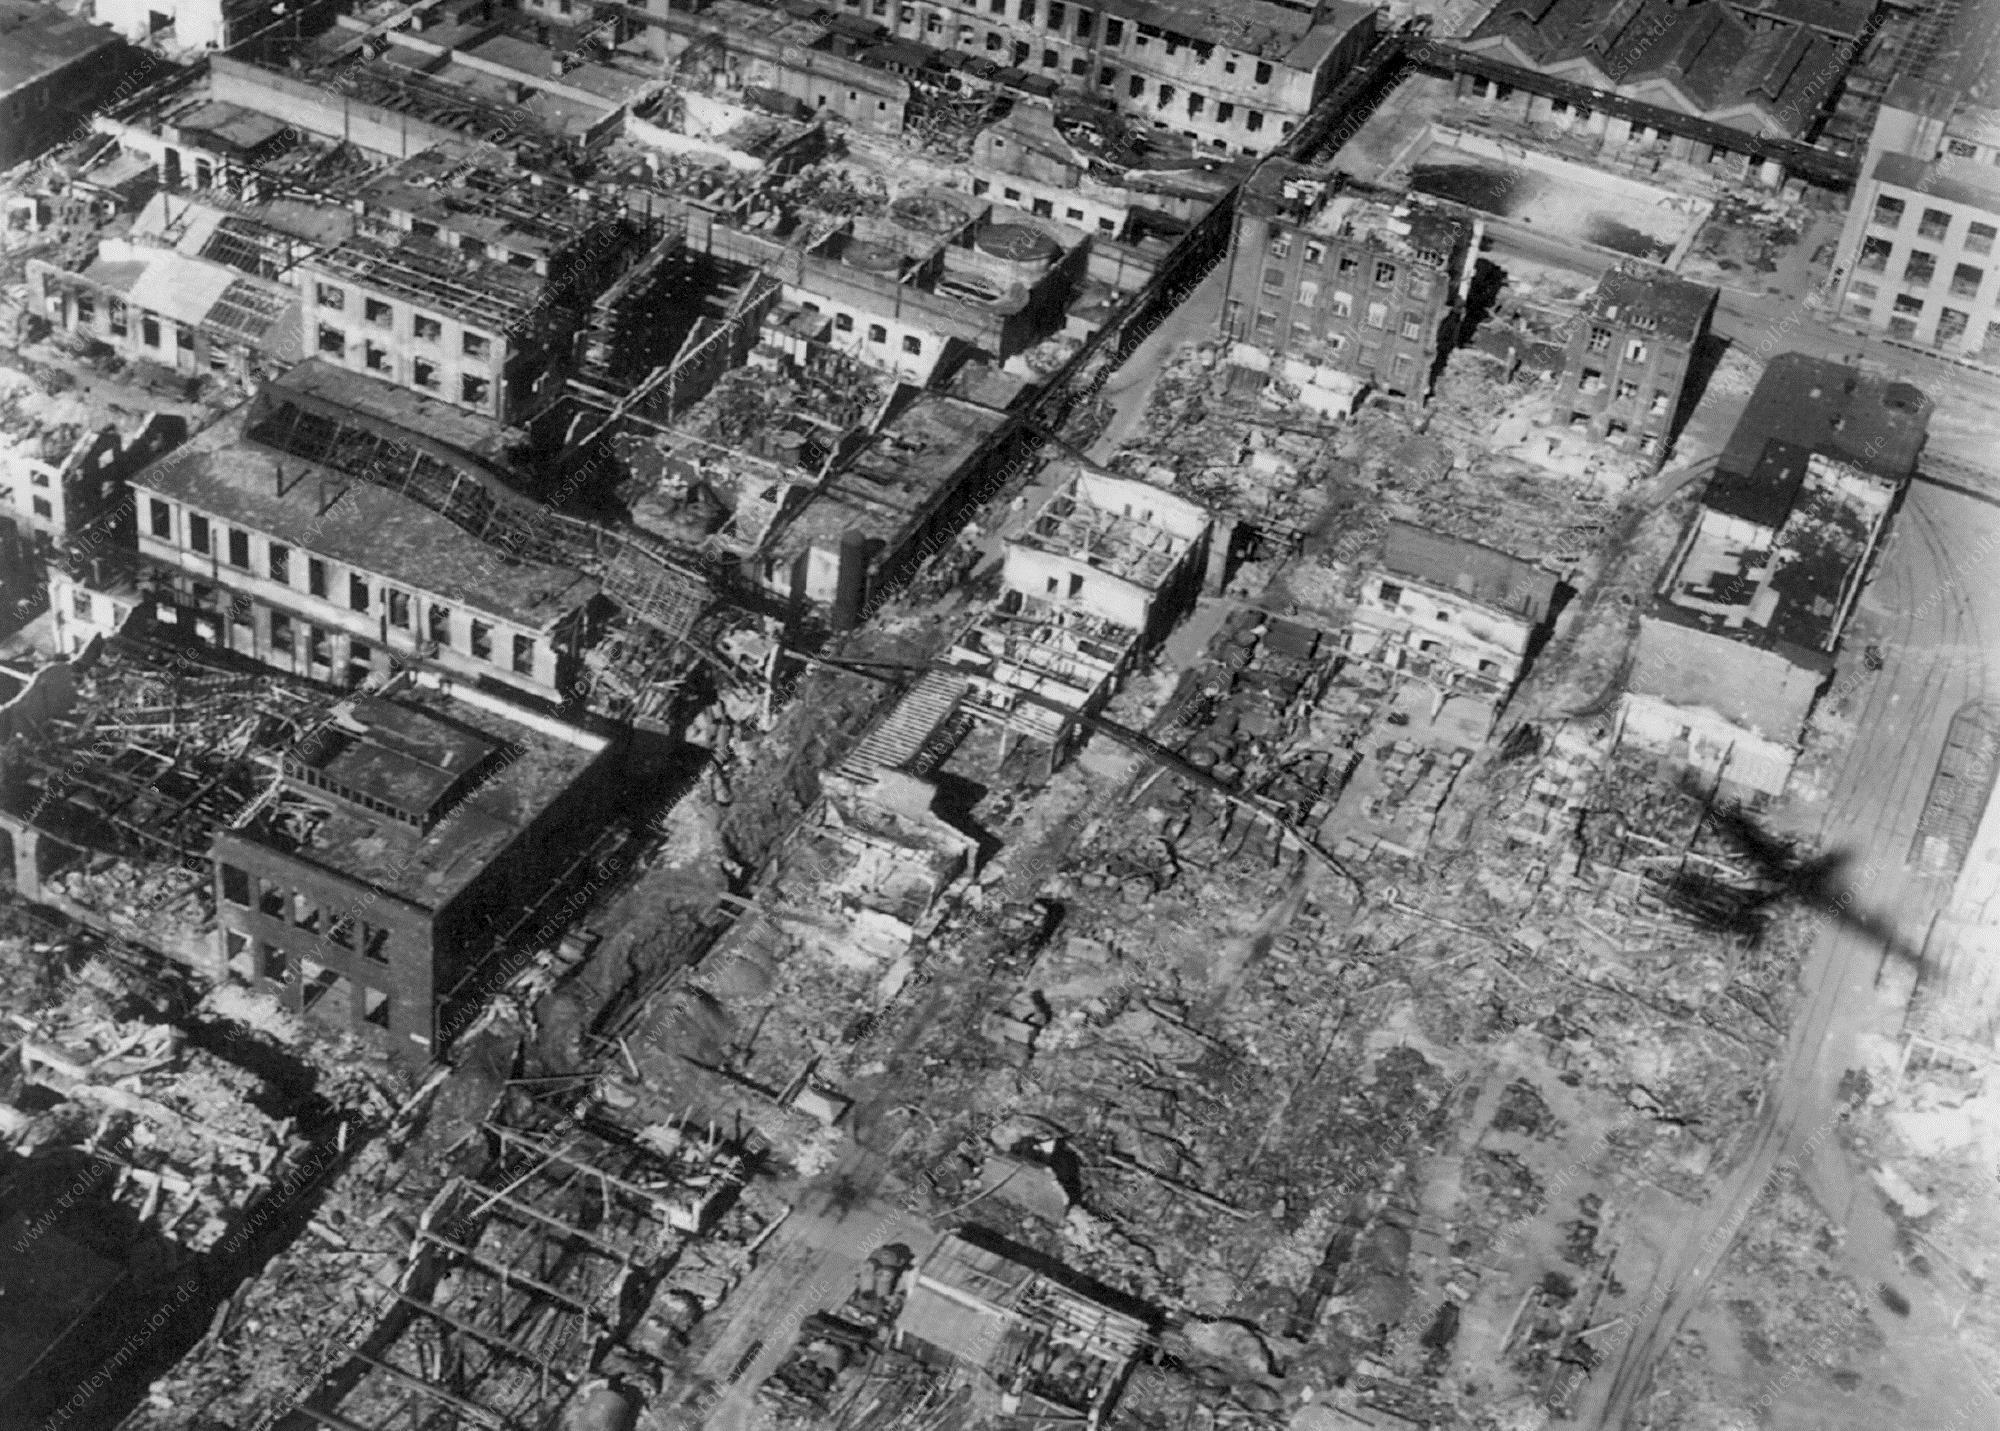 Werksgelände der alten Badischen Anilin- und Sodafabrik (BASF) - später IG Farben AG - in Ludwigshafen am Rhein nach der Zerstörung durch Fliegerbomben